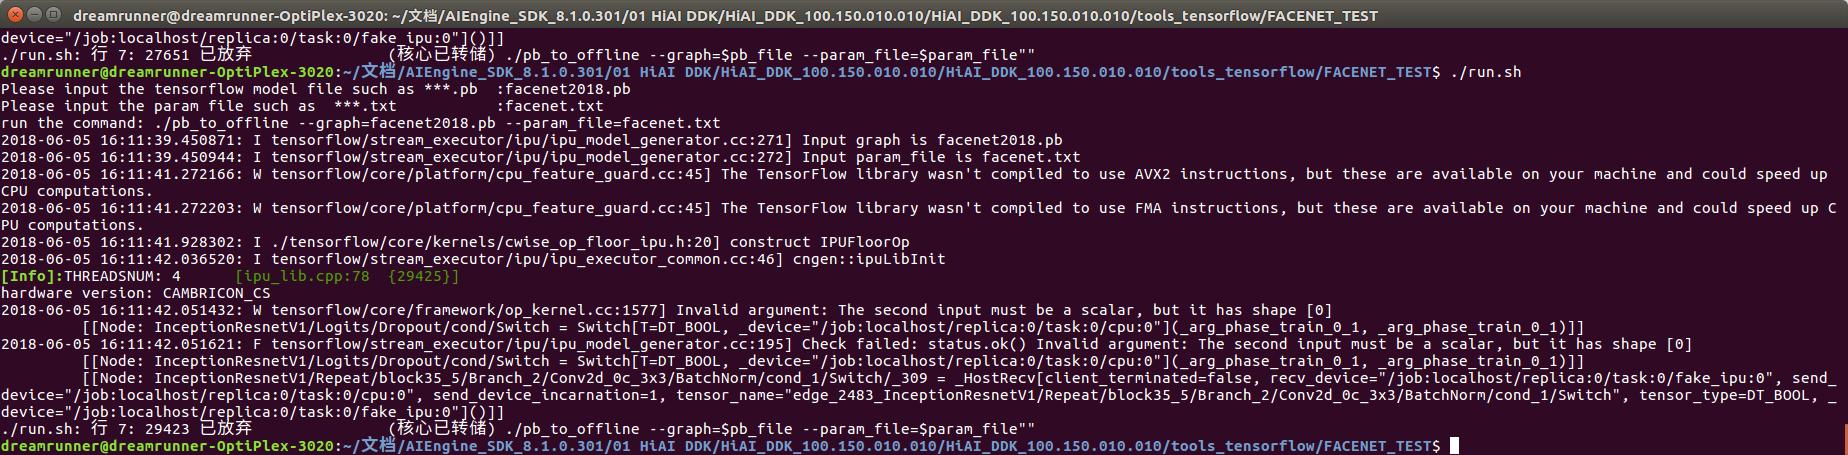 使用HiAI_DDK_100 150 010 010中的tensorflow模型转换工具出现问题- AI